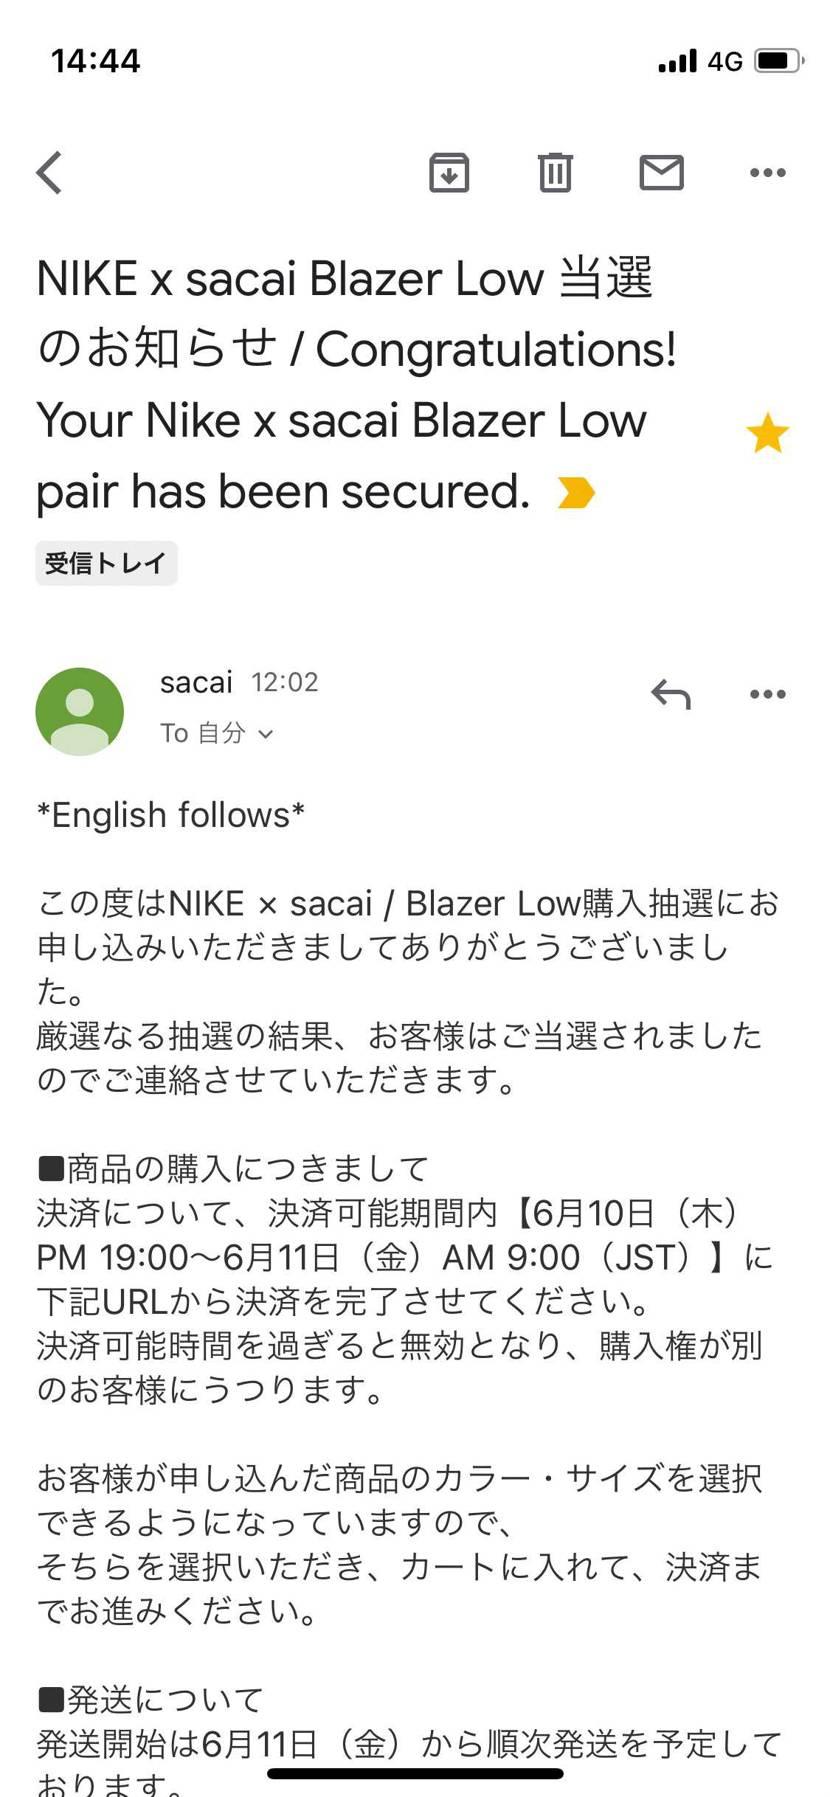 SNKRS落選でしたが、sacaiから当選連絡いただきました。クラシックグリーン